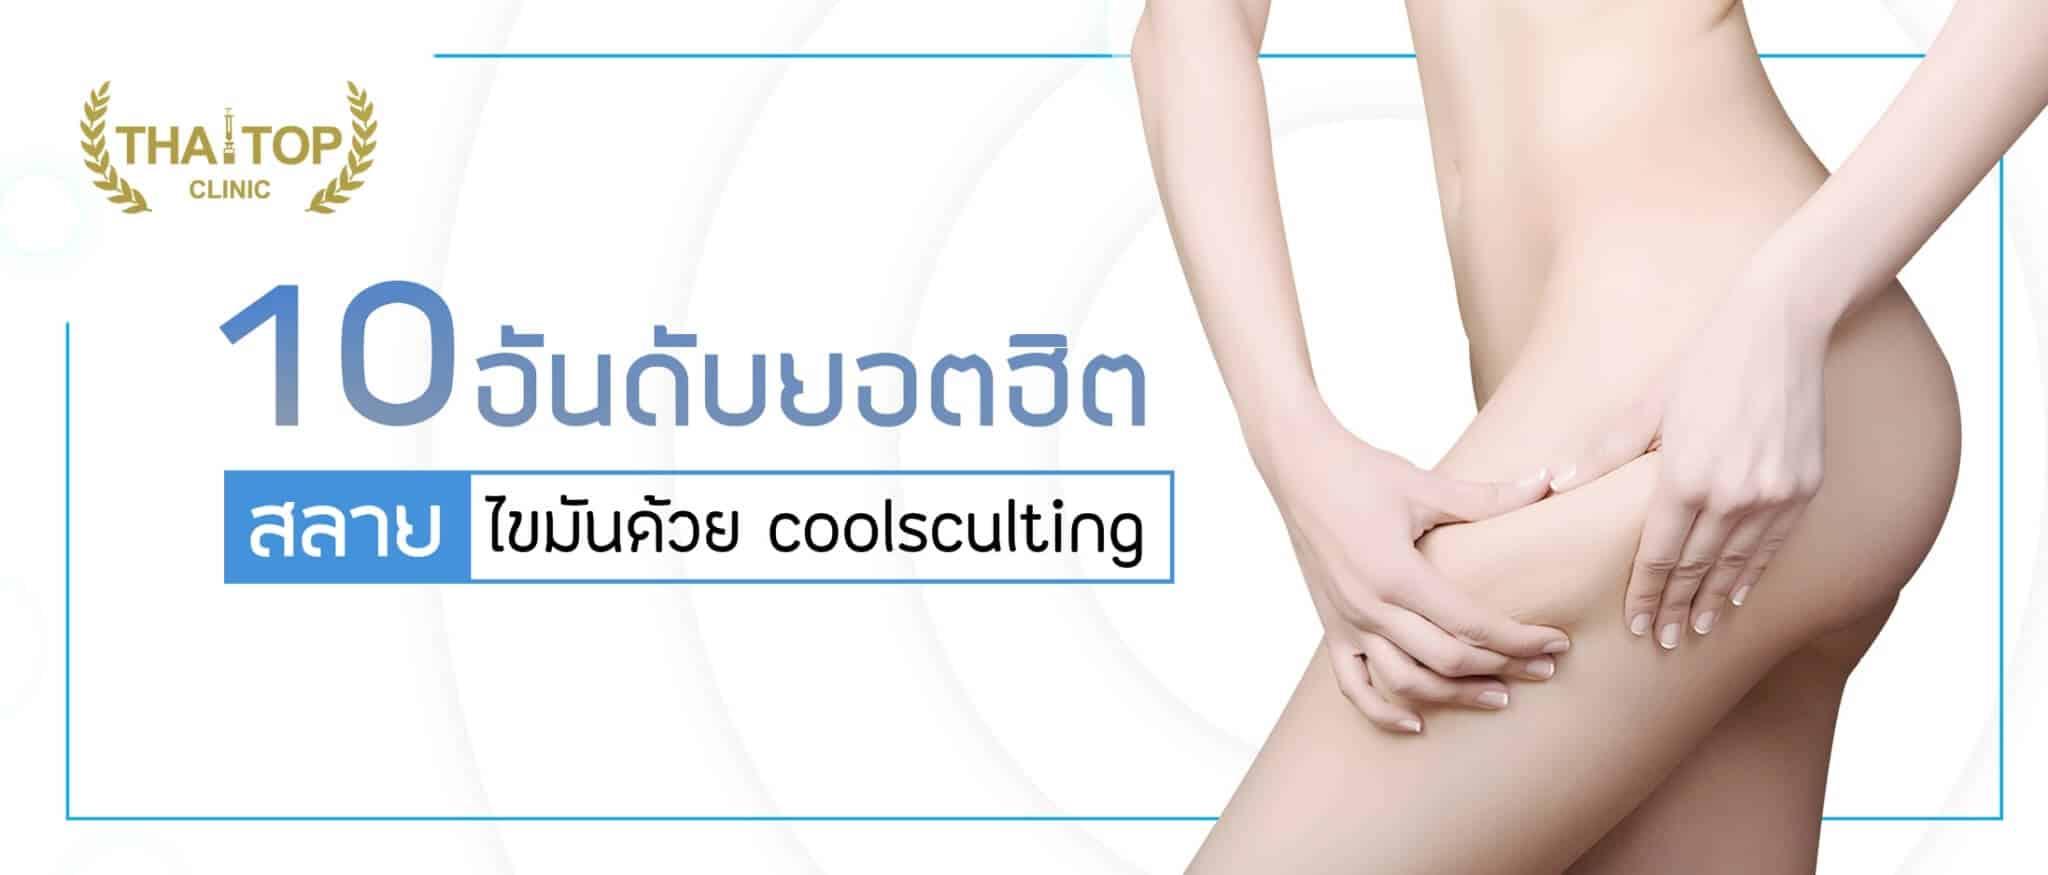 10 อันดับ Coolsculpting กำจัดไขมันด้วยความเย็นที่ดีที่สุด